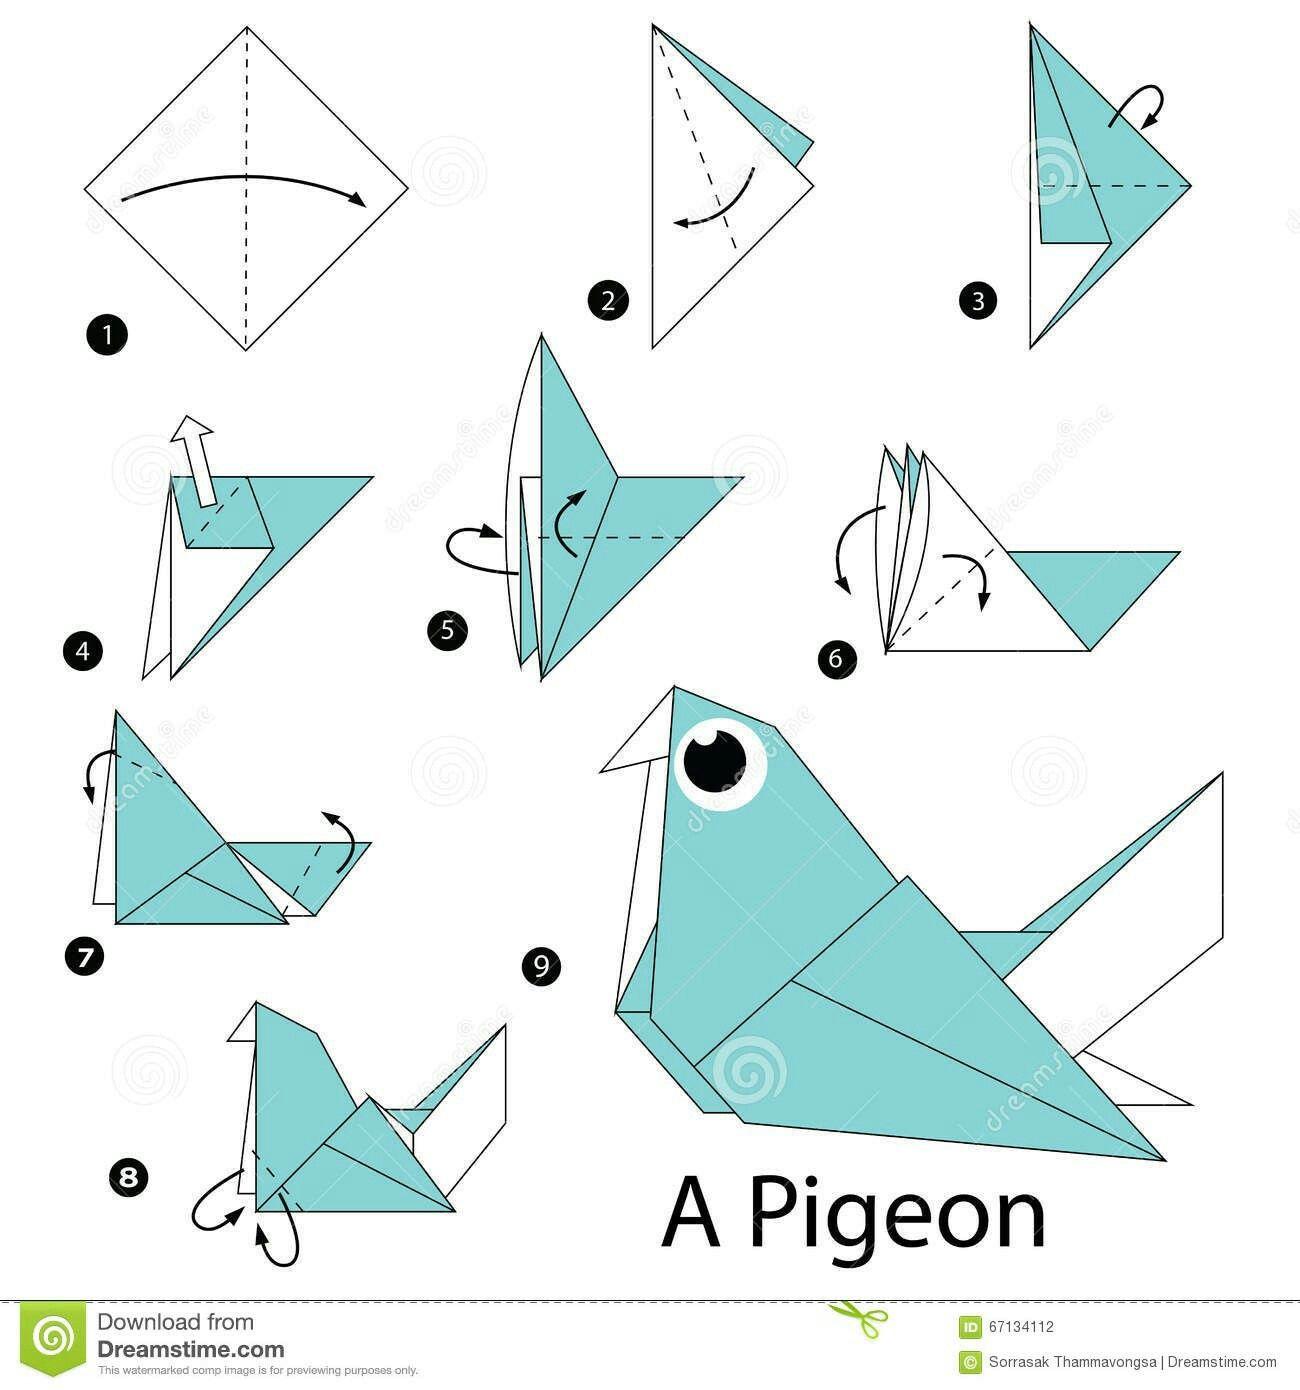 Pin by kinga on origami pinterest origami origami jeuxipadfo Images